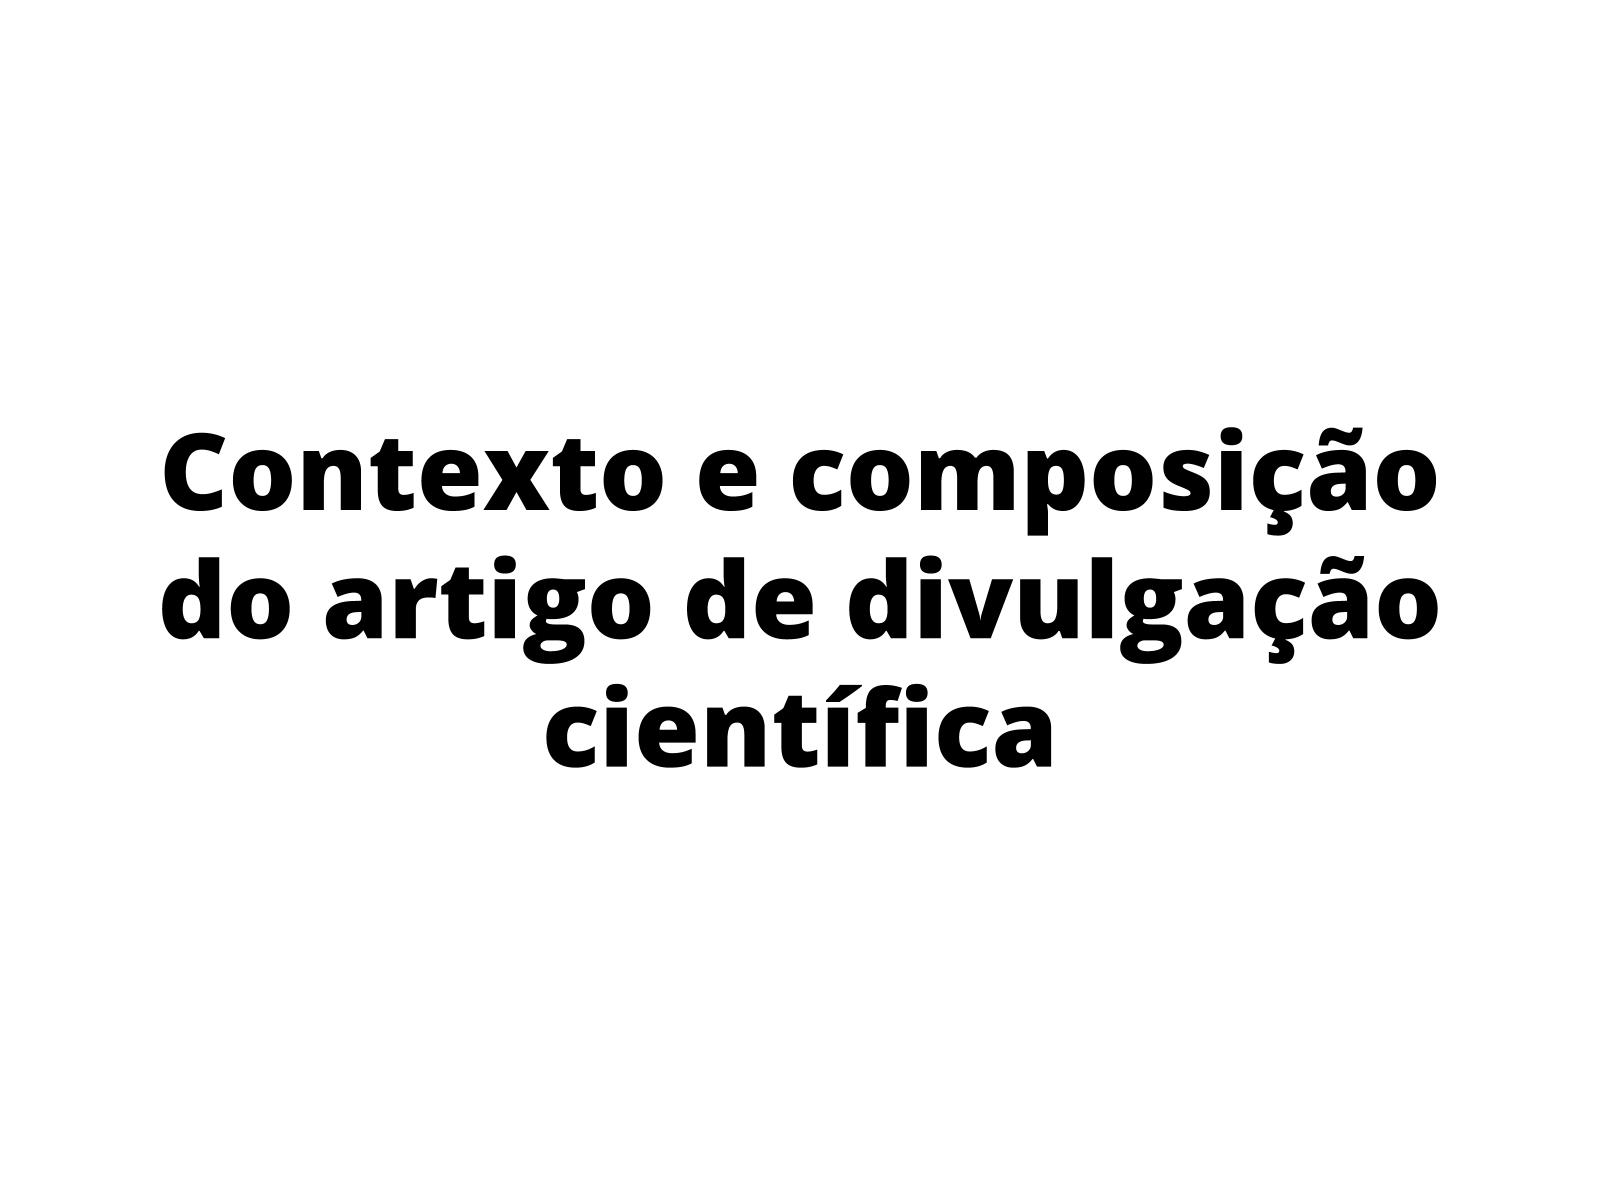 Contexto de produção e composição do artigo de divulgação científica